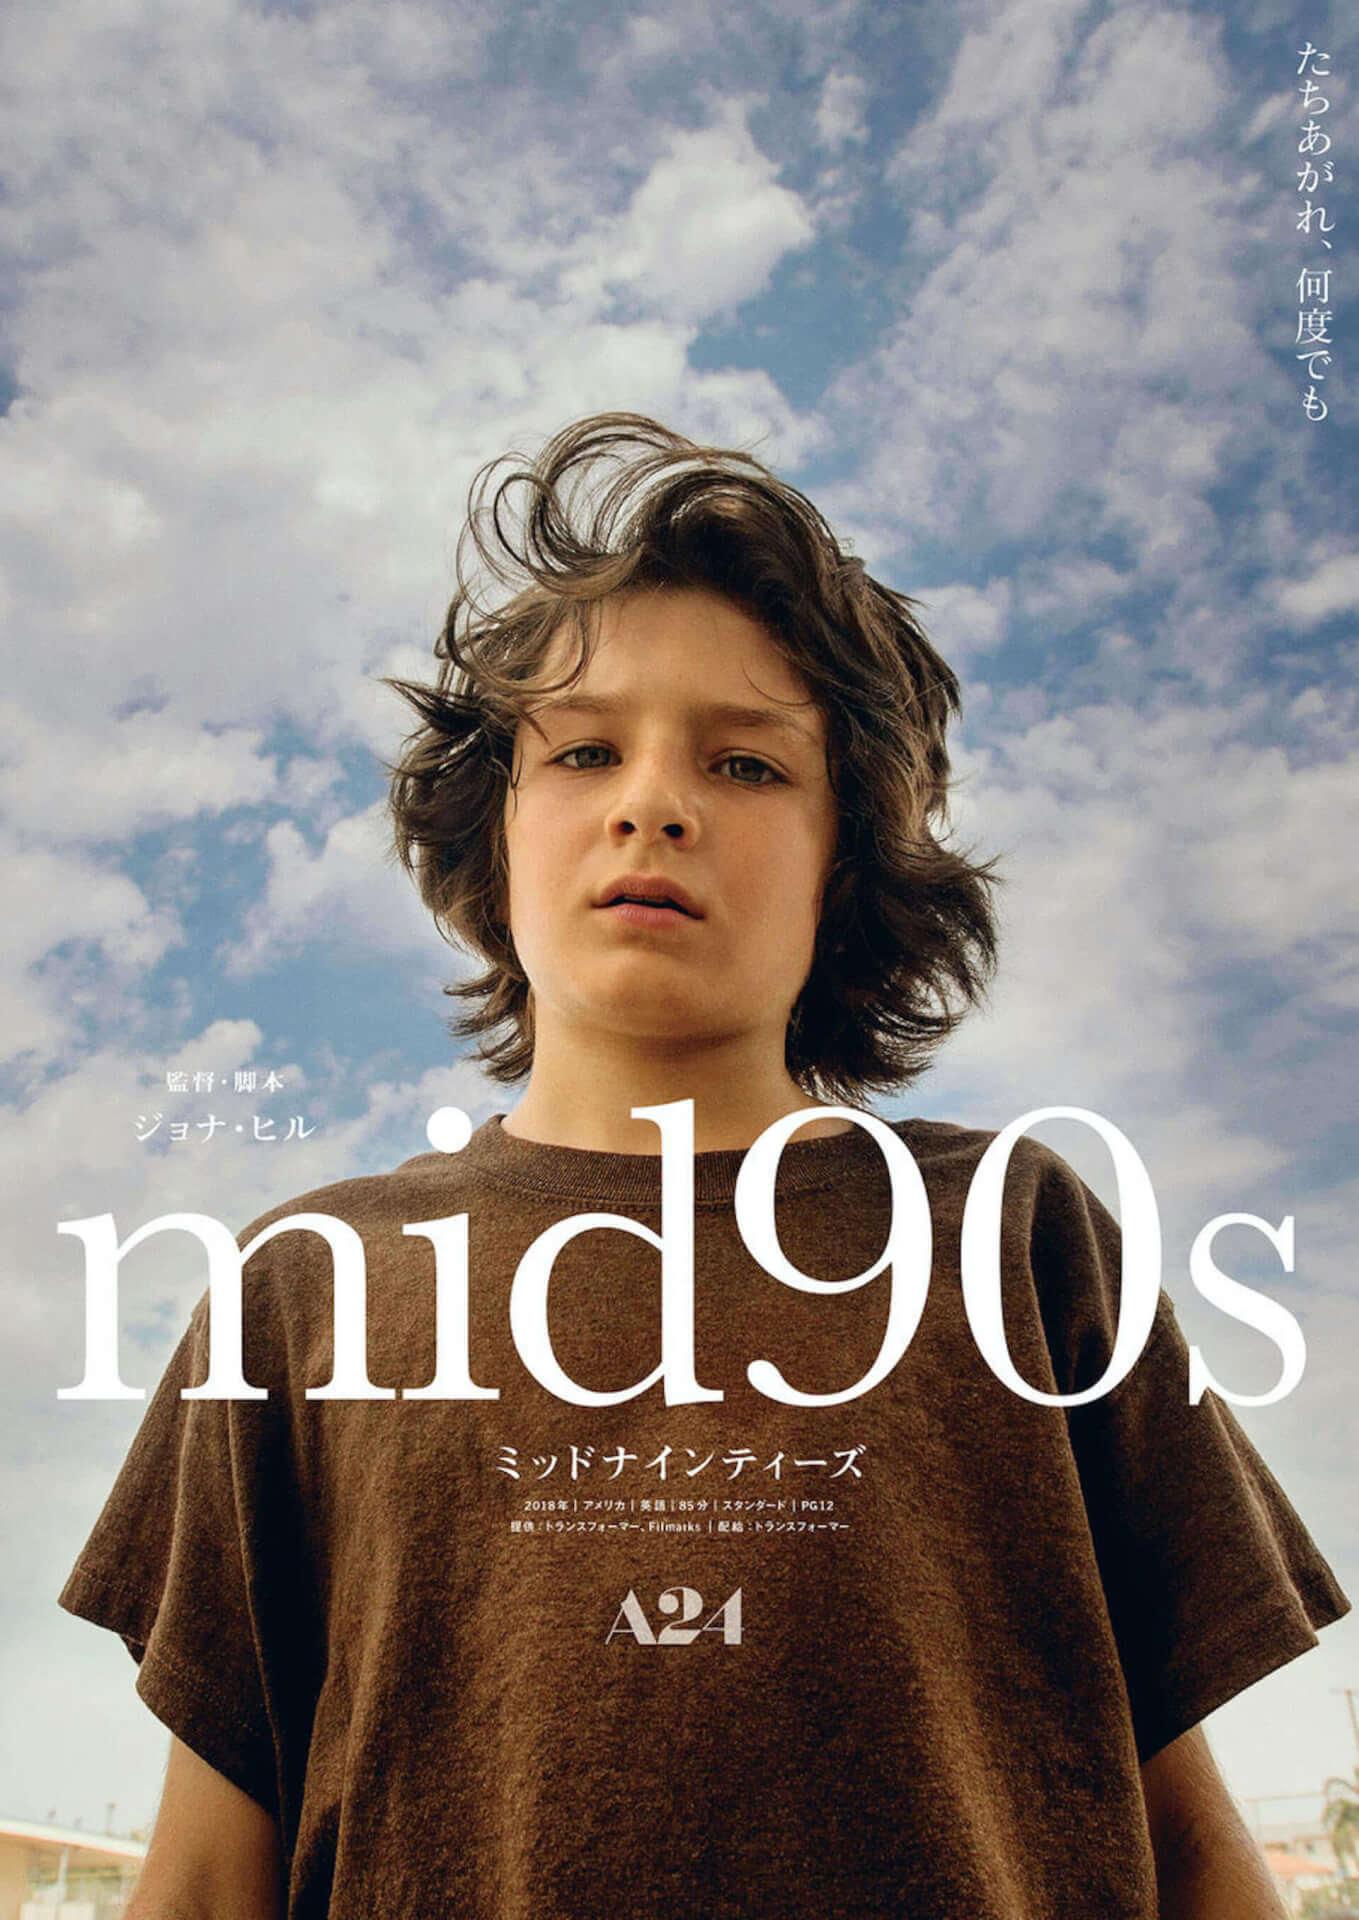 ジョナ・ヒルが自身初監督作『mid90s ミッドナインティーズ』の魅力を語る!ルーカス・ヘッジズ、サニ・スリッチへの特別インタビューも収録した特別映像が公開 film200824_mid90s_7